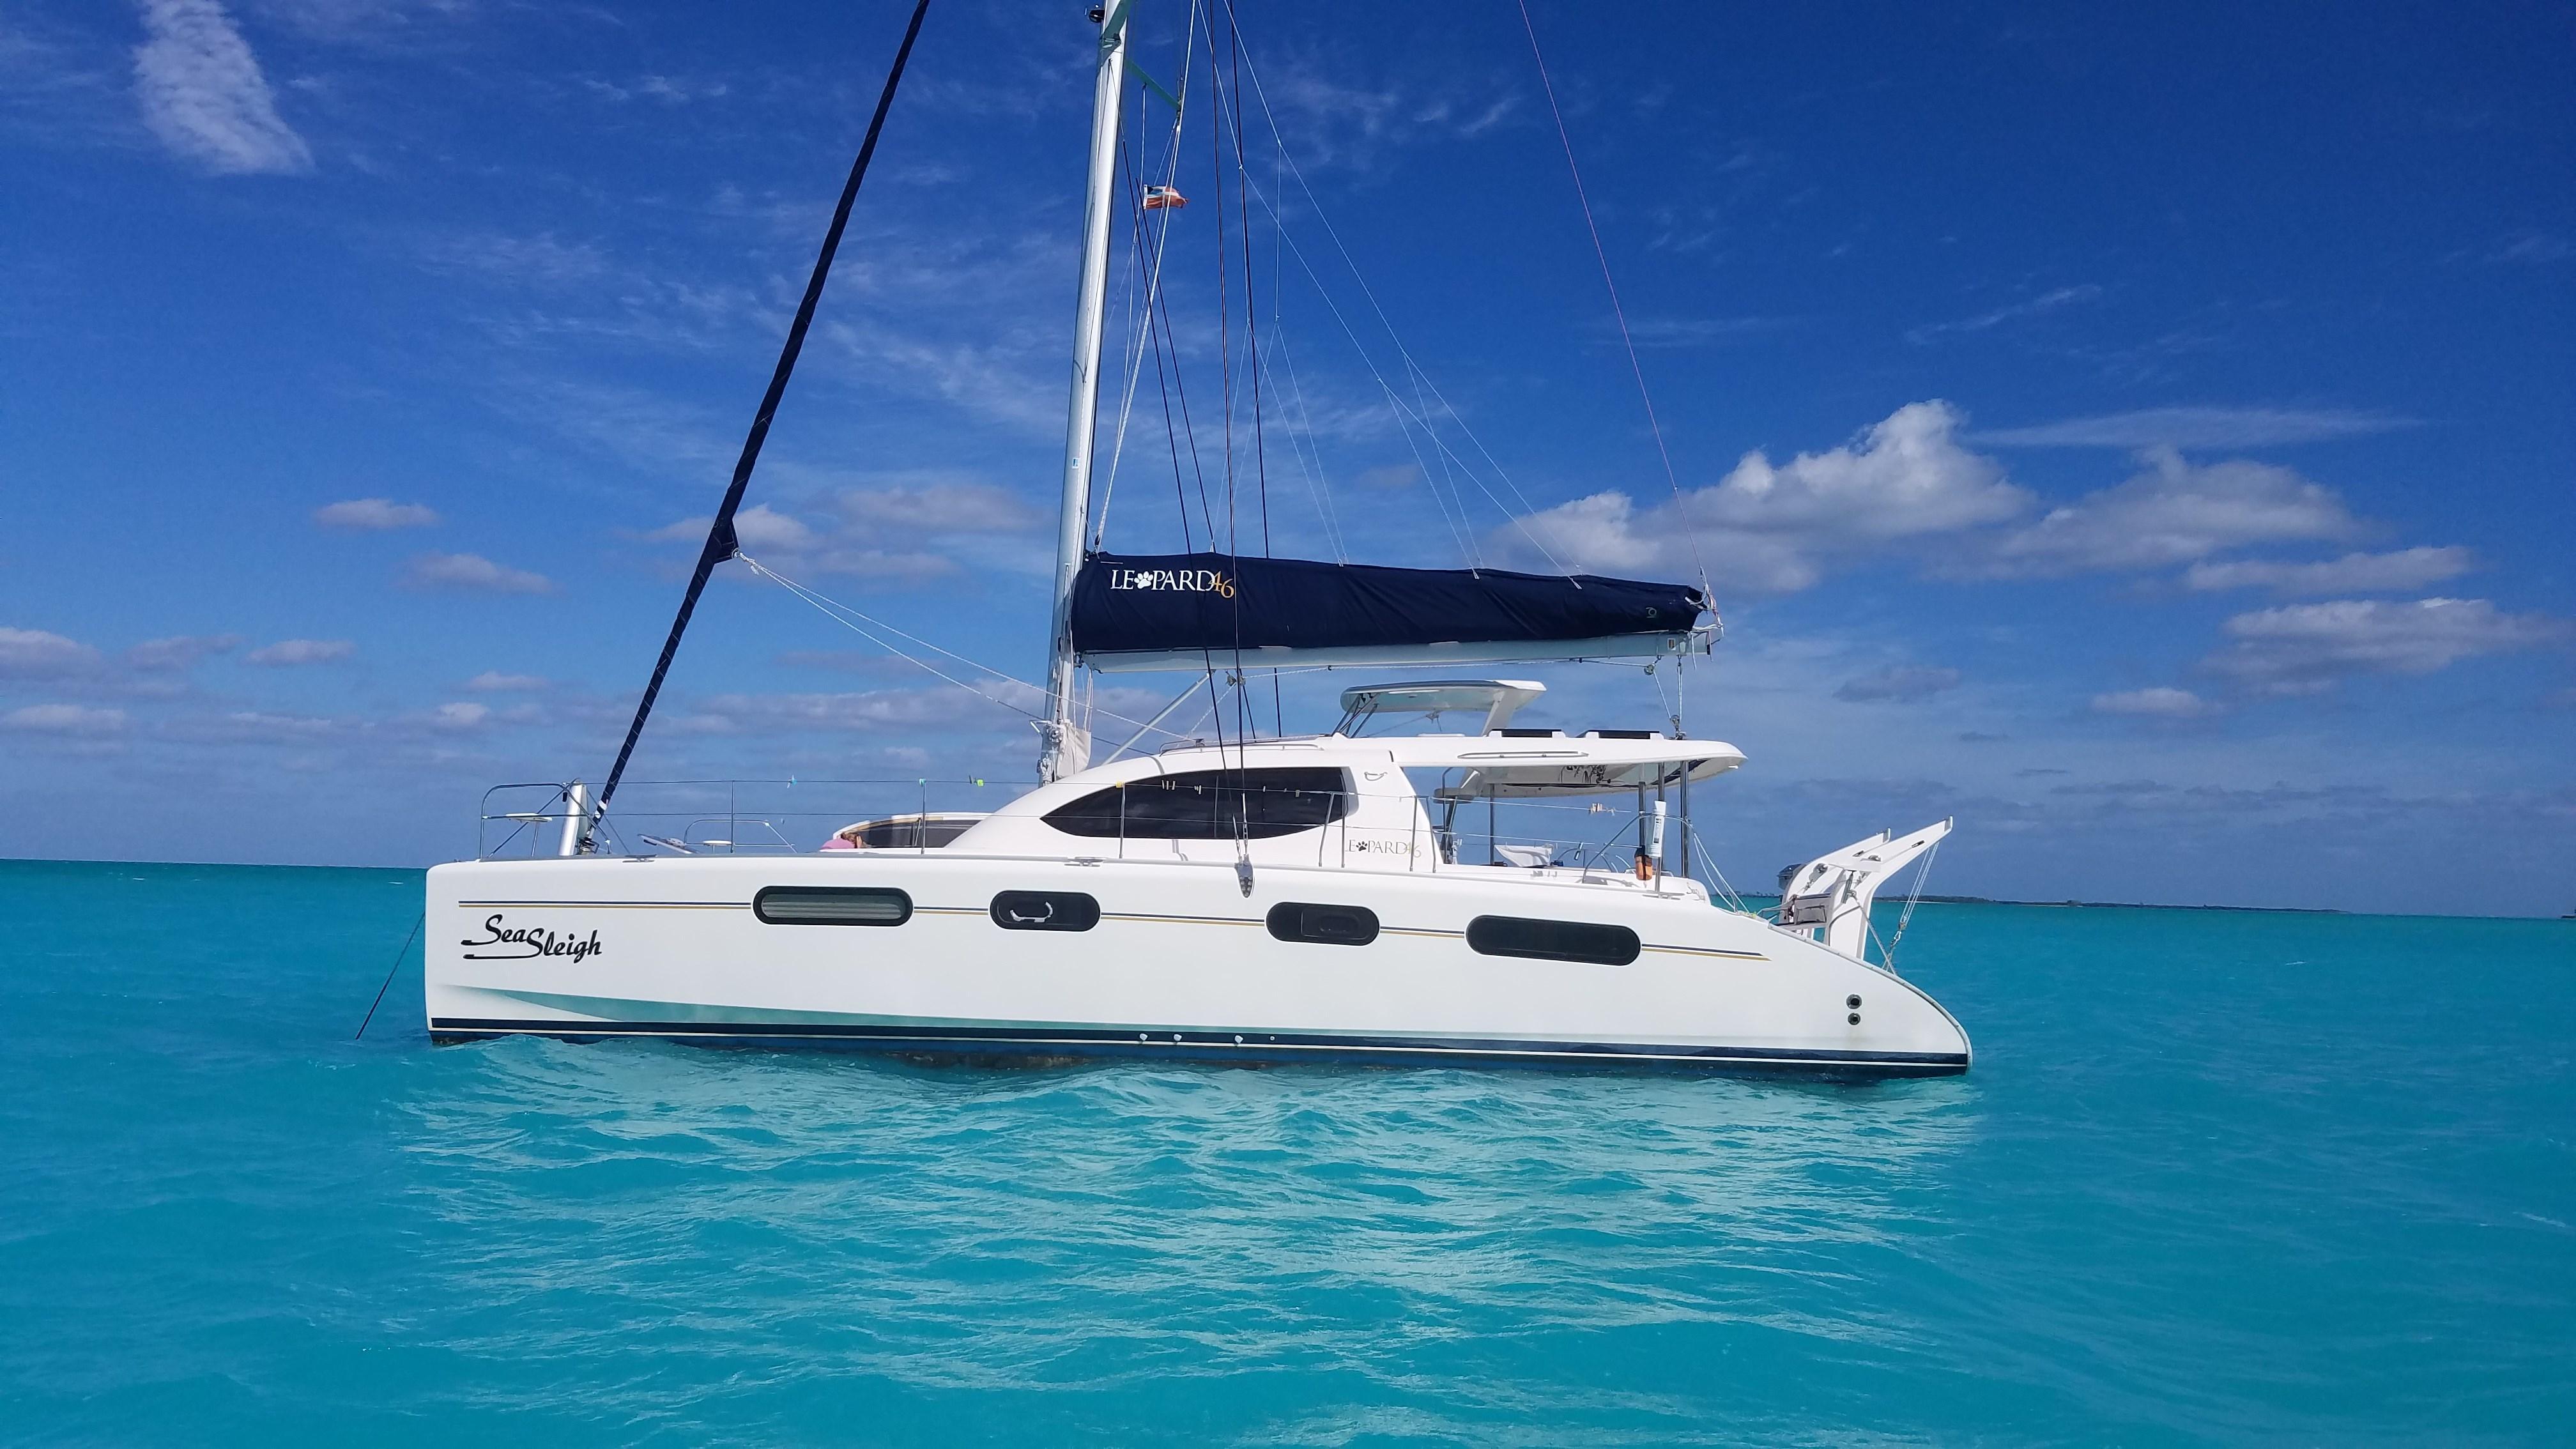 Leopard 46 Catamaran sold SEA SLEIGH